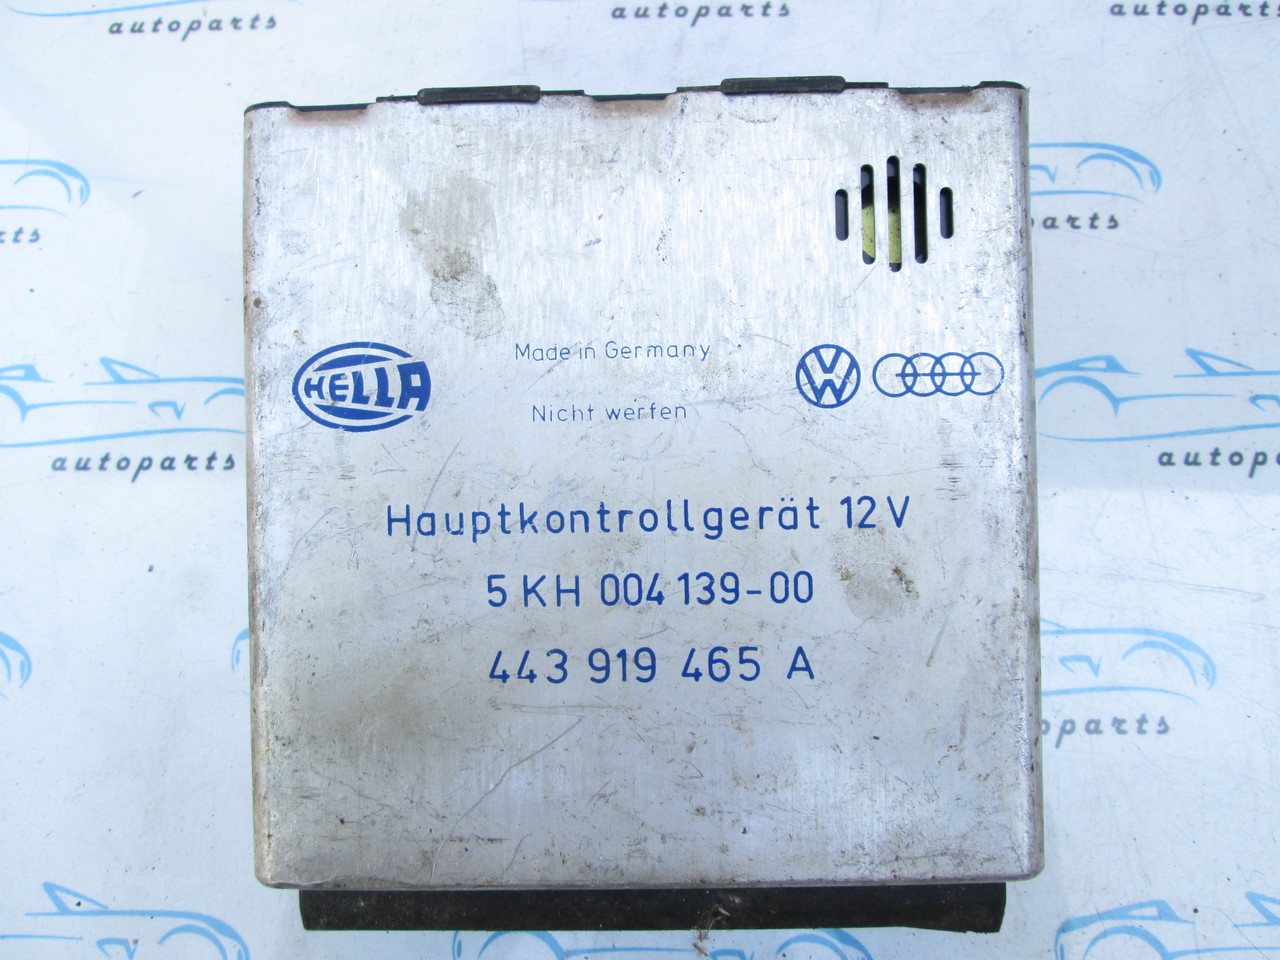 Блок управления VAG 443919465 A